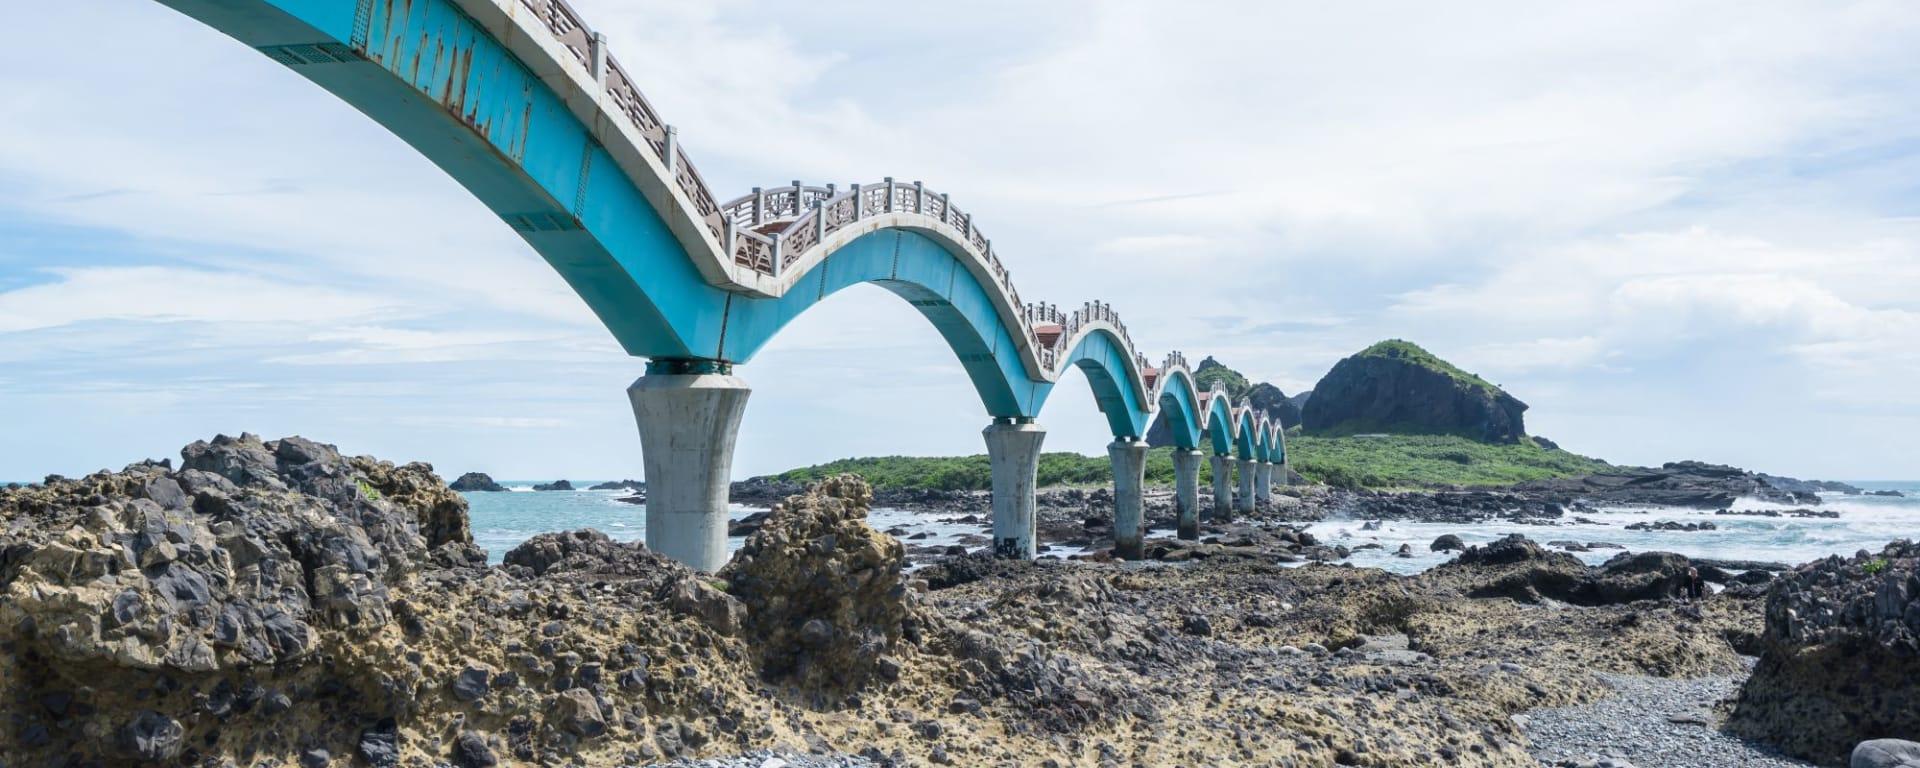 Les hauts lieux de Taïwan de Taipei: Sansiantai bridge Taitung